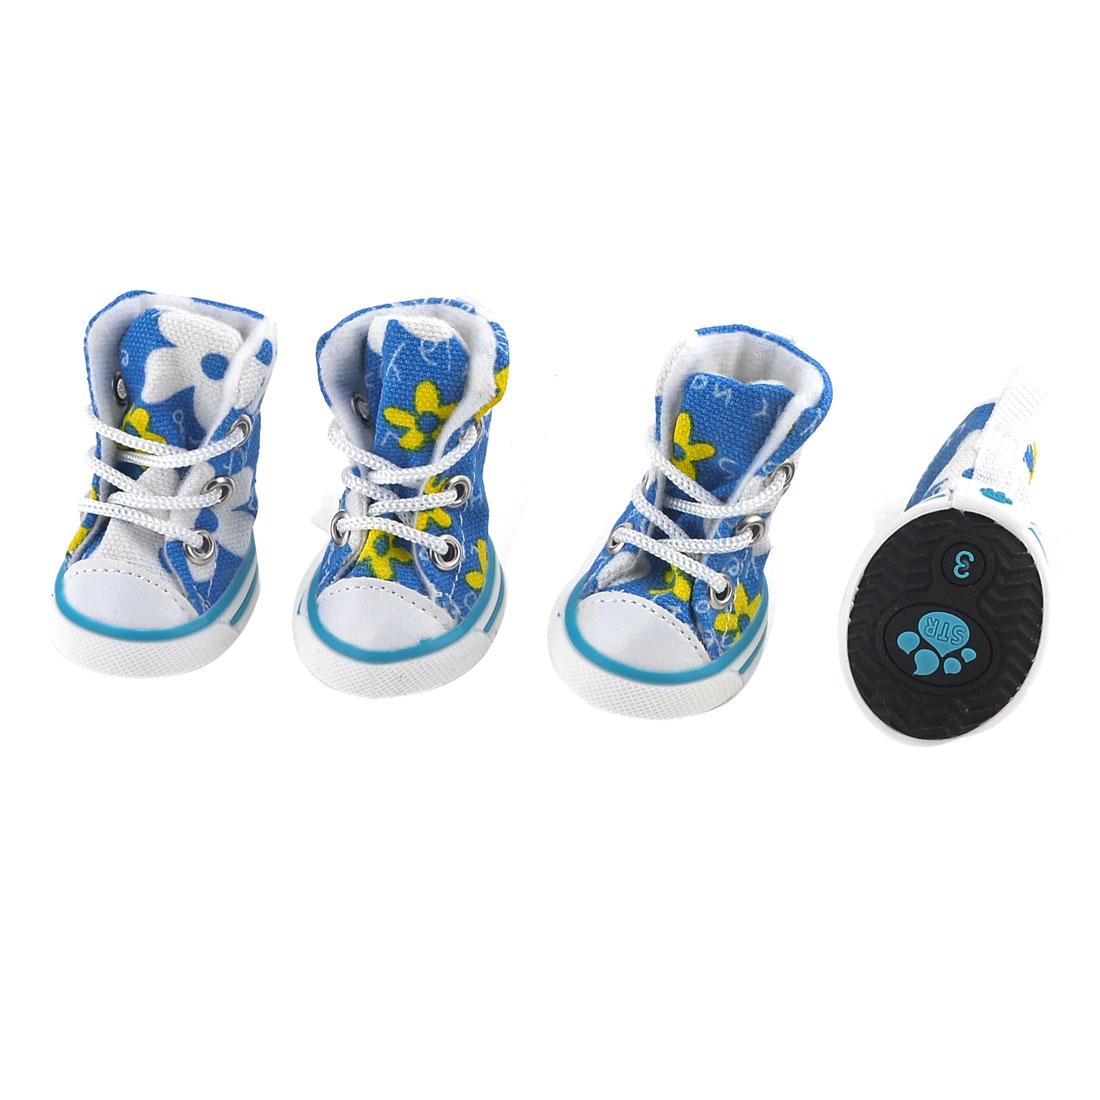 2 Pairs Run Walking Blue White Flower Printed Pet Dog Yorkie Shoes Size XS